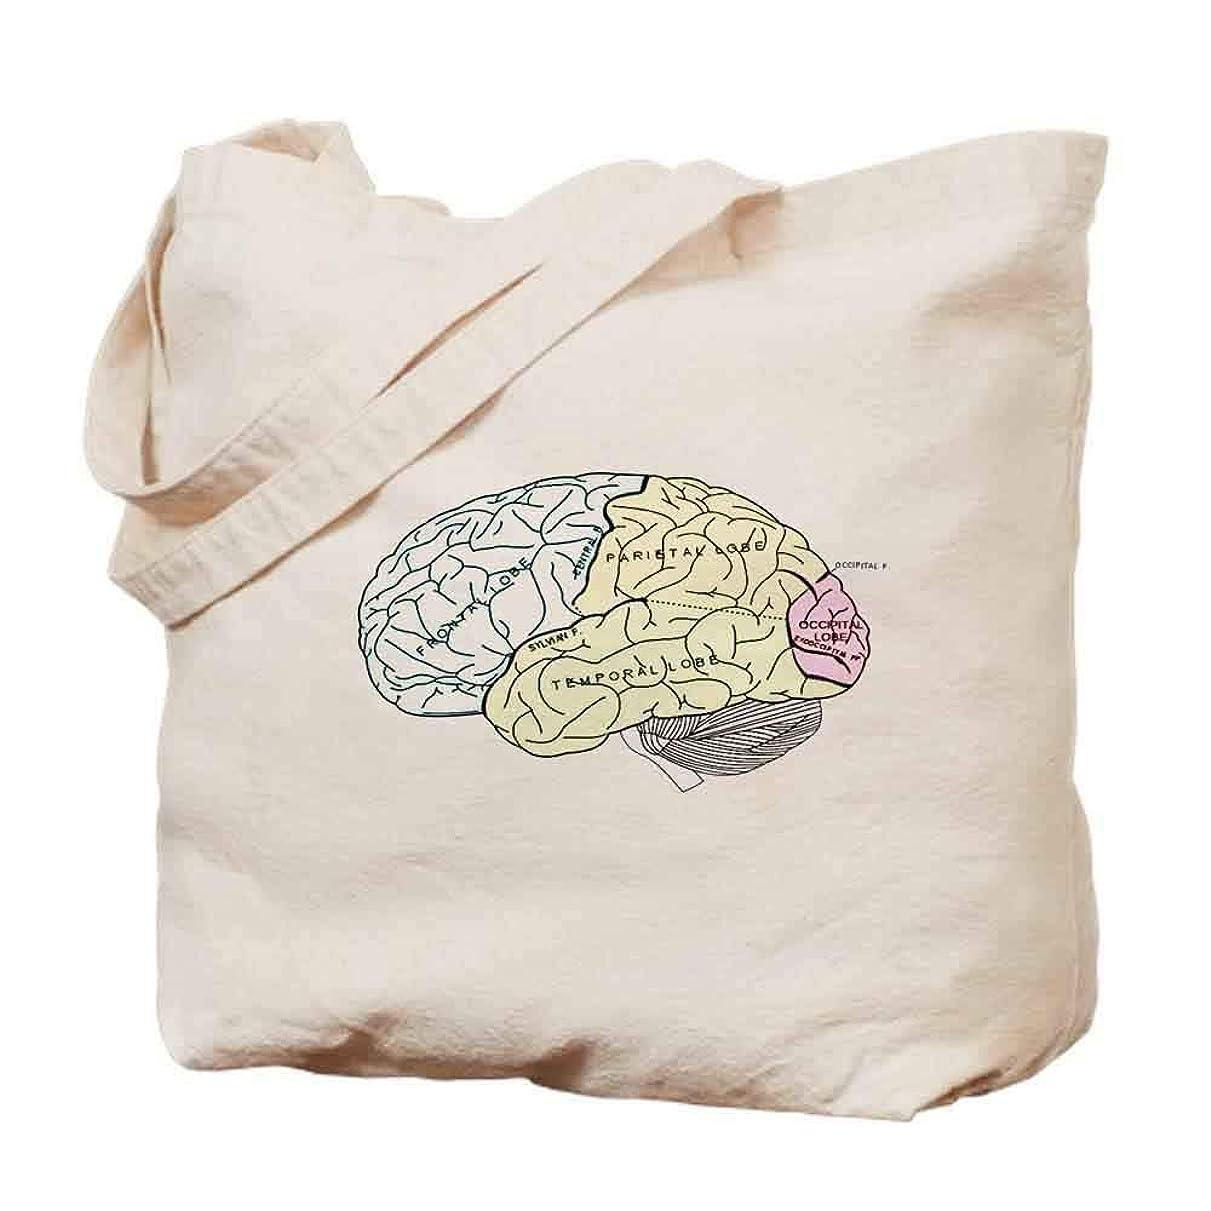 のため写真積極的にDr Brain Lrg 創造的なカスタマイズ可能なキャンバスバッグハンドバッグ大容量パッケージマザーバッグ